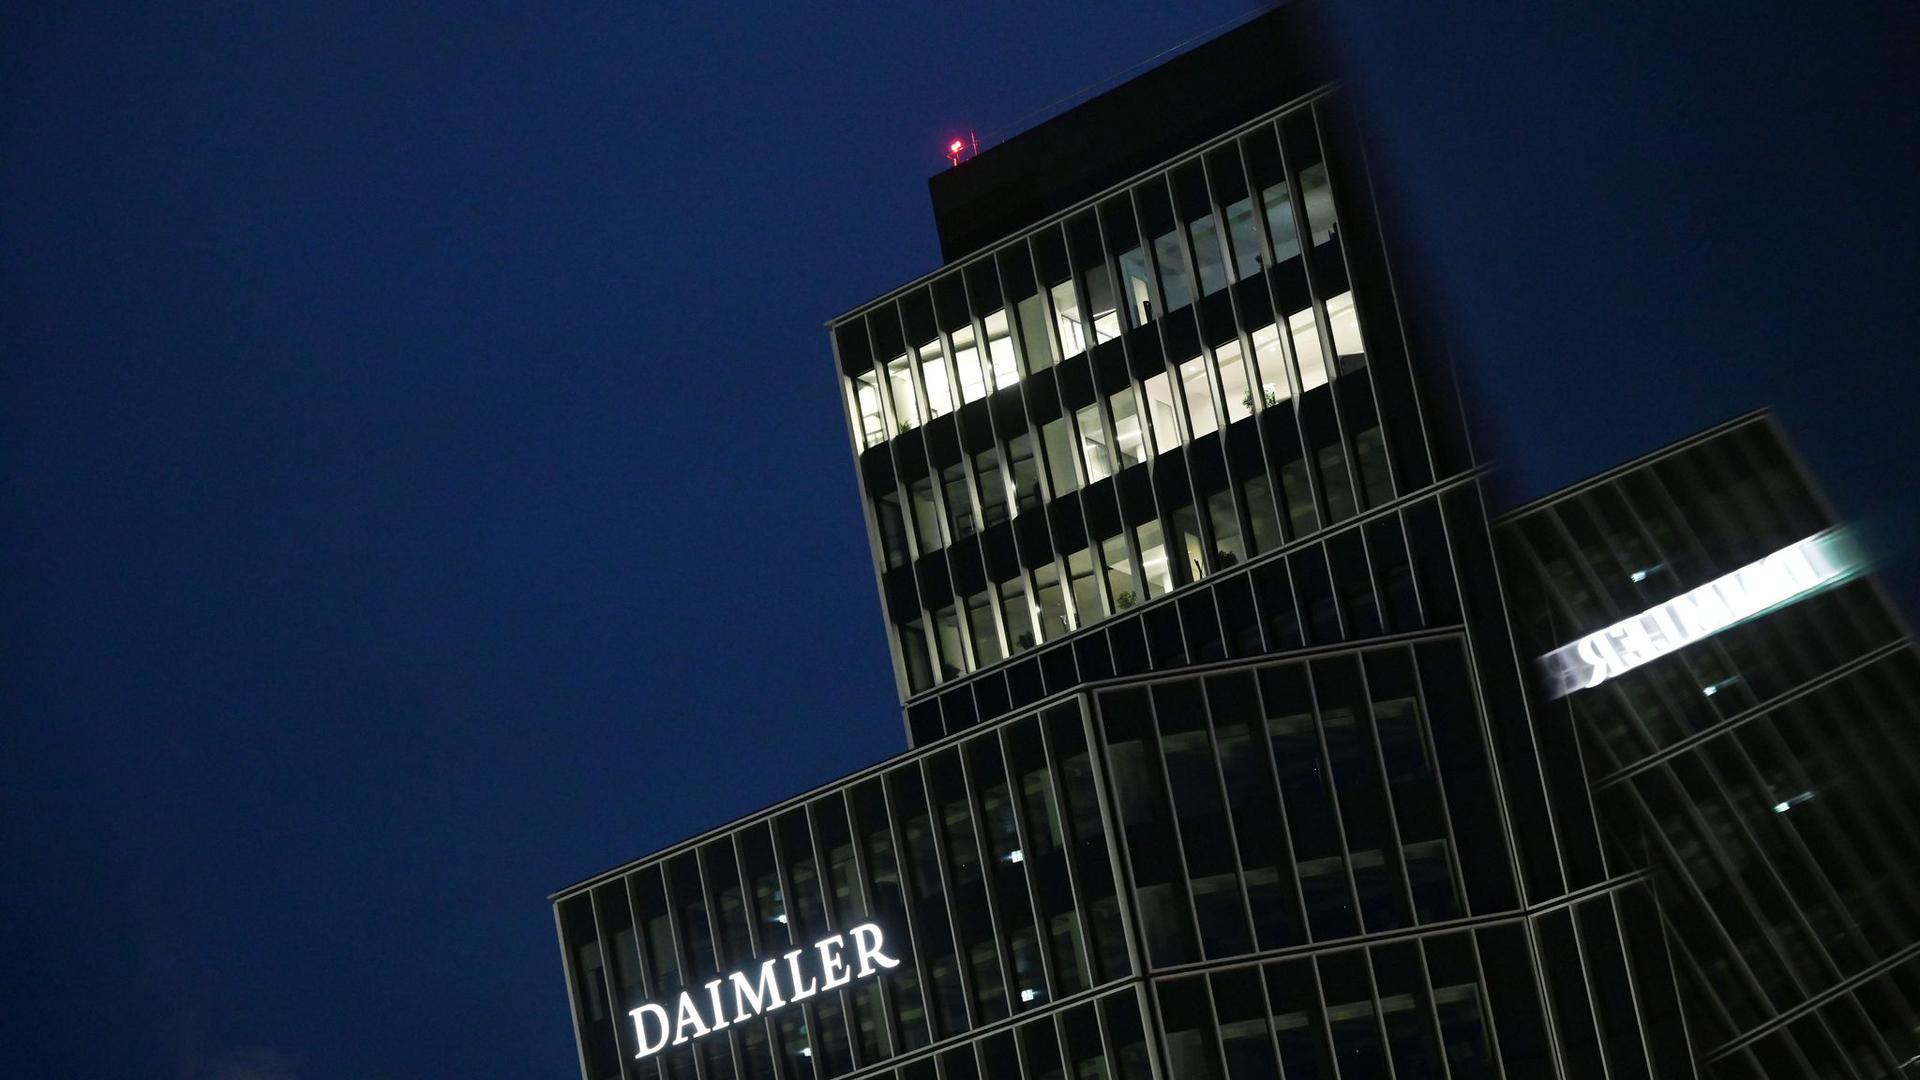 Daimler Neueste Nachrichten